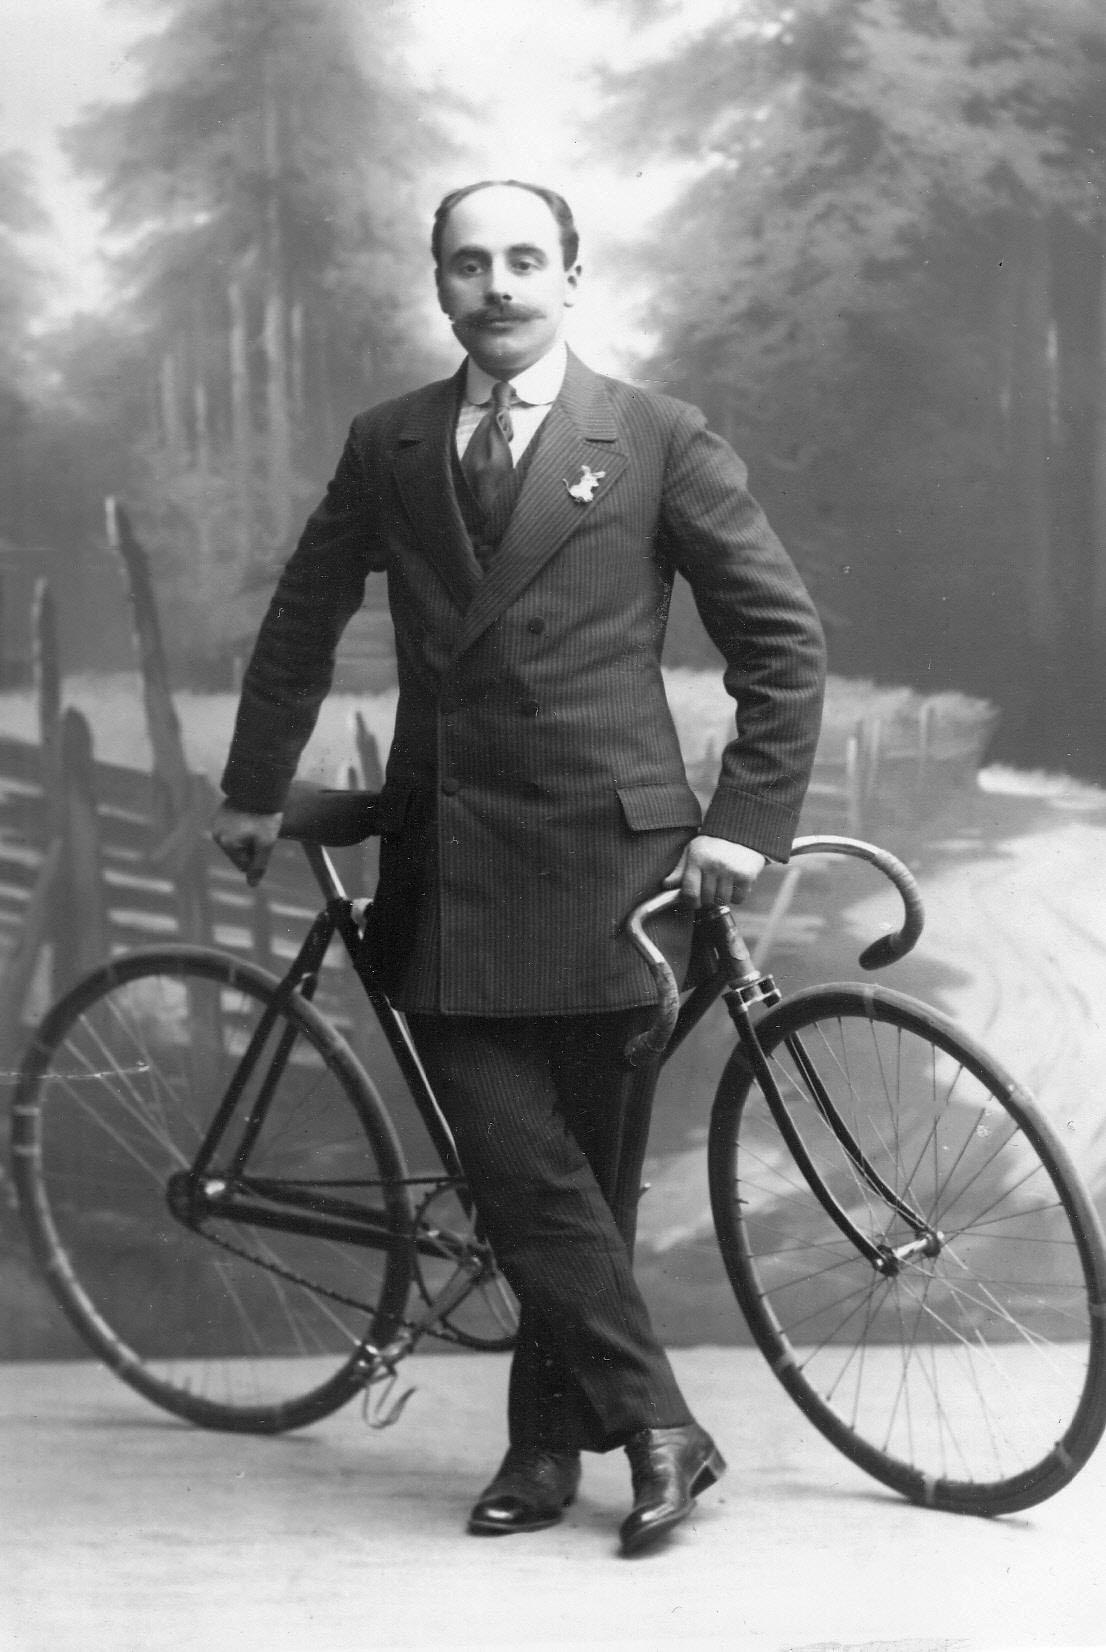 Куделя, участник велогонок от Германии, с велосипедом